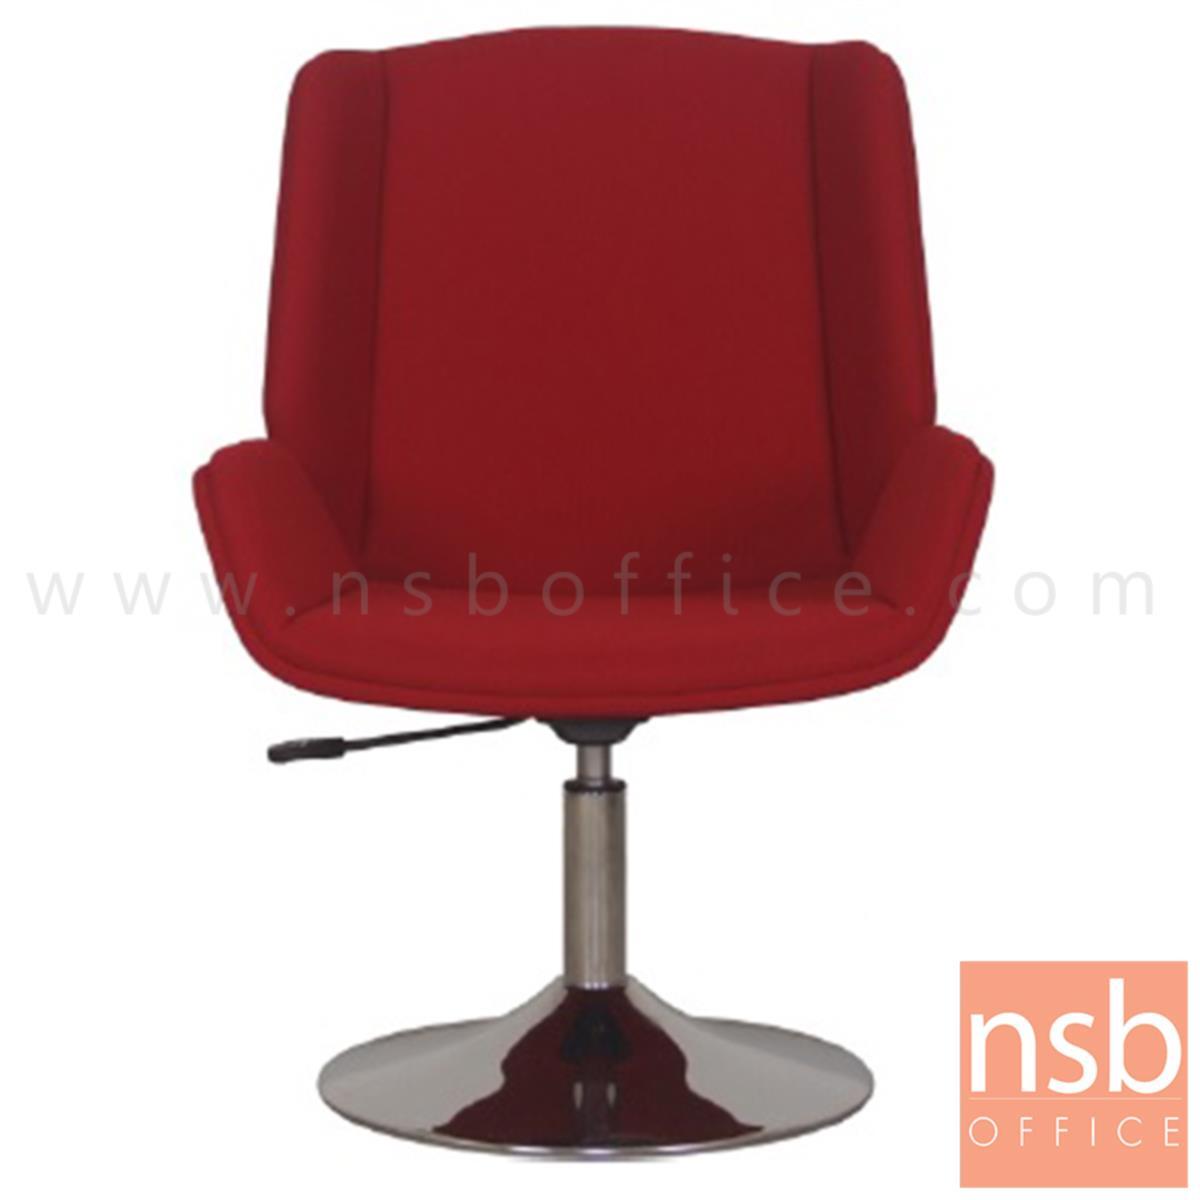 เก้าอี้โมเดิร์นบาร์หุ้มผ้า รุ่น MM-FC-2R ขนาด 60W cm. โช๊คแก๊ส ฐานจานกลมโครเมี่ยม